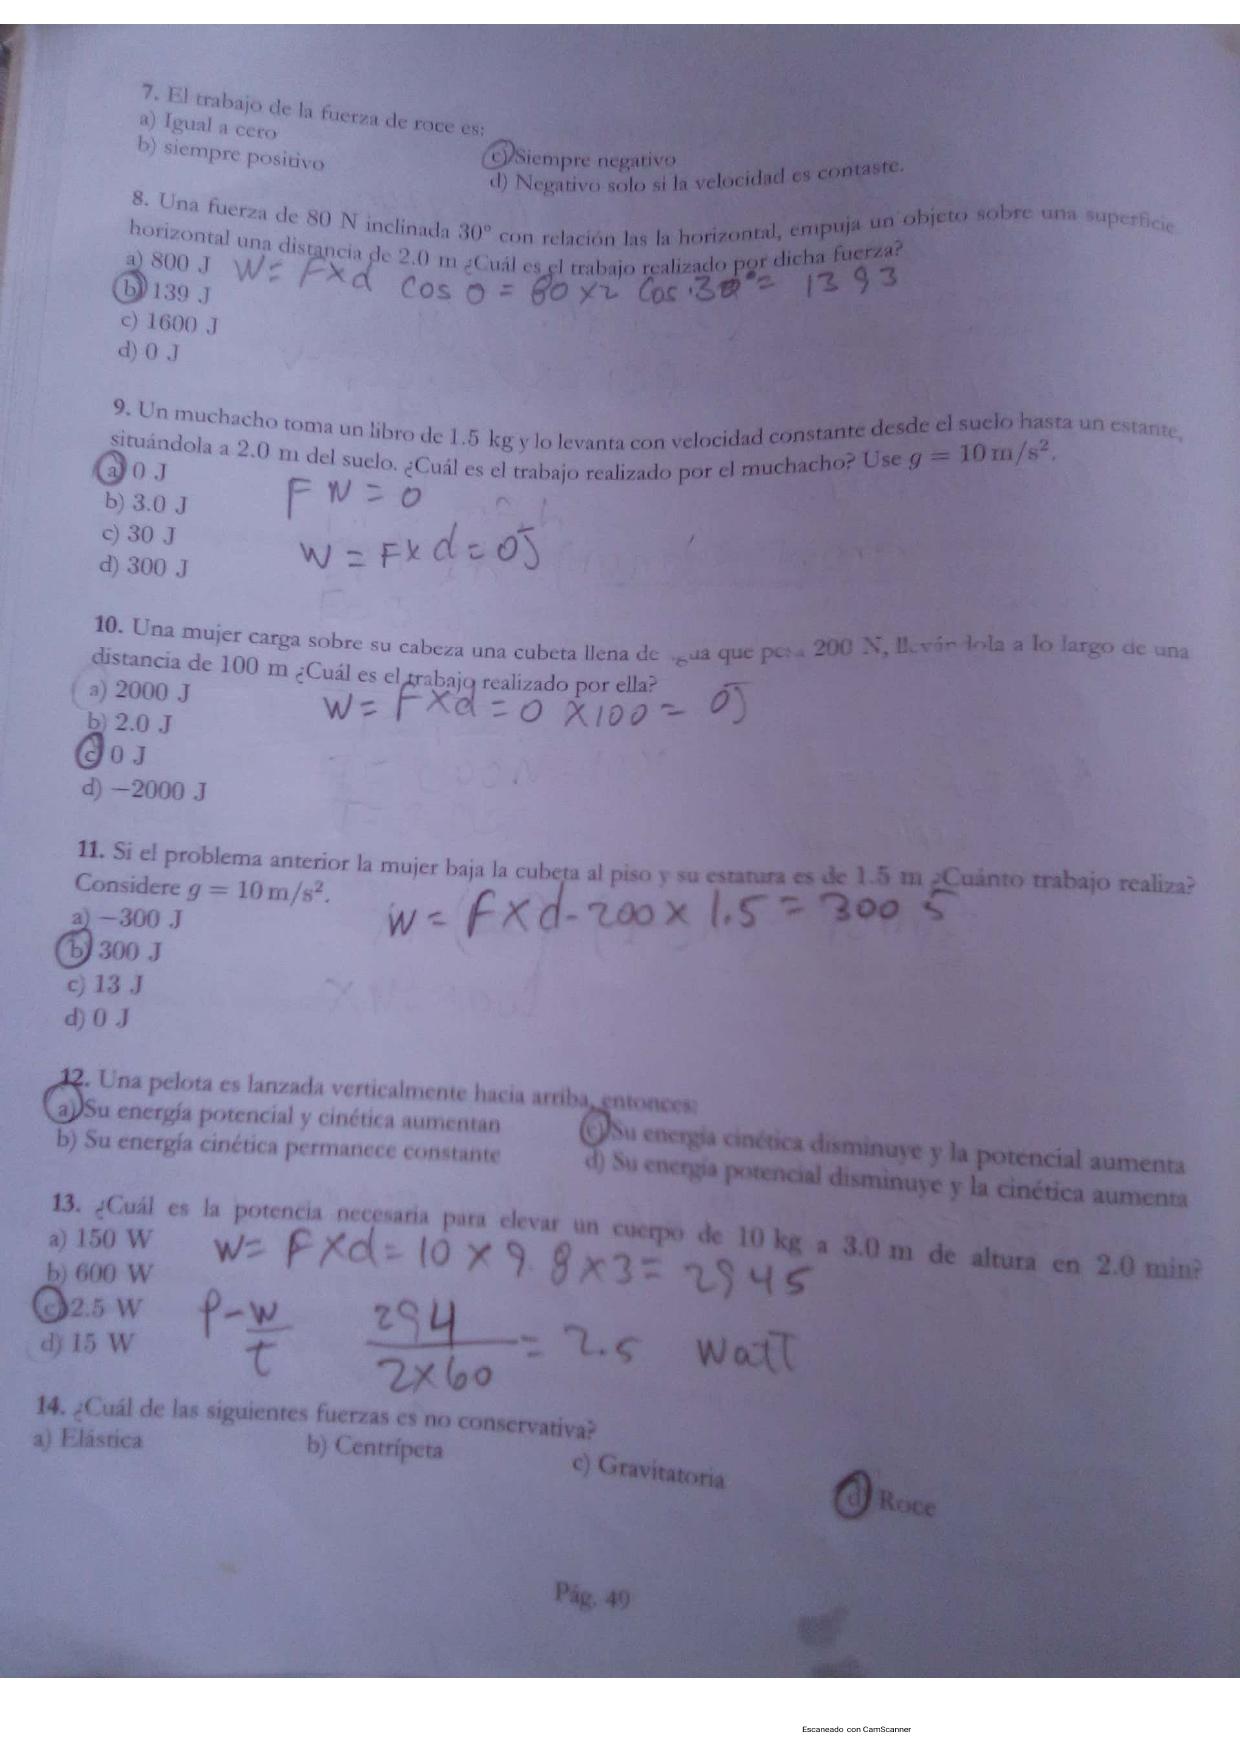 cuaderno-de-trabajo-f-sica-b-sica-page-0049